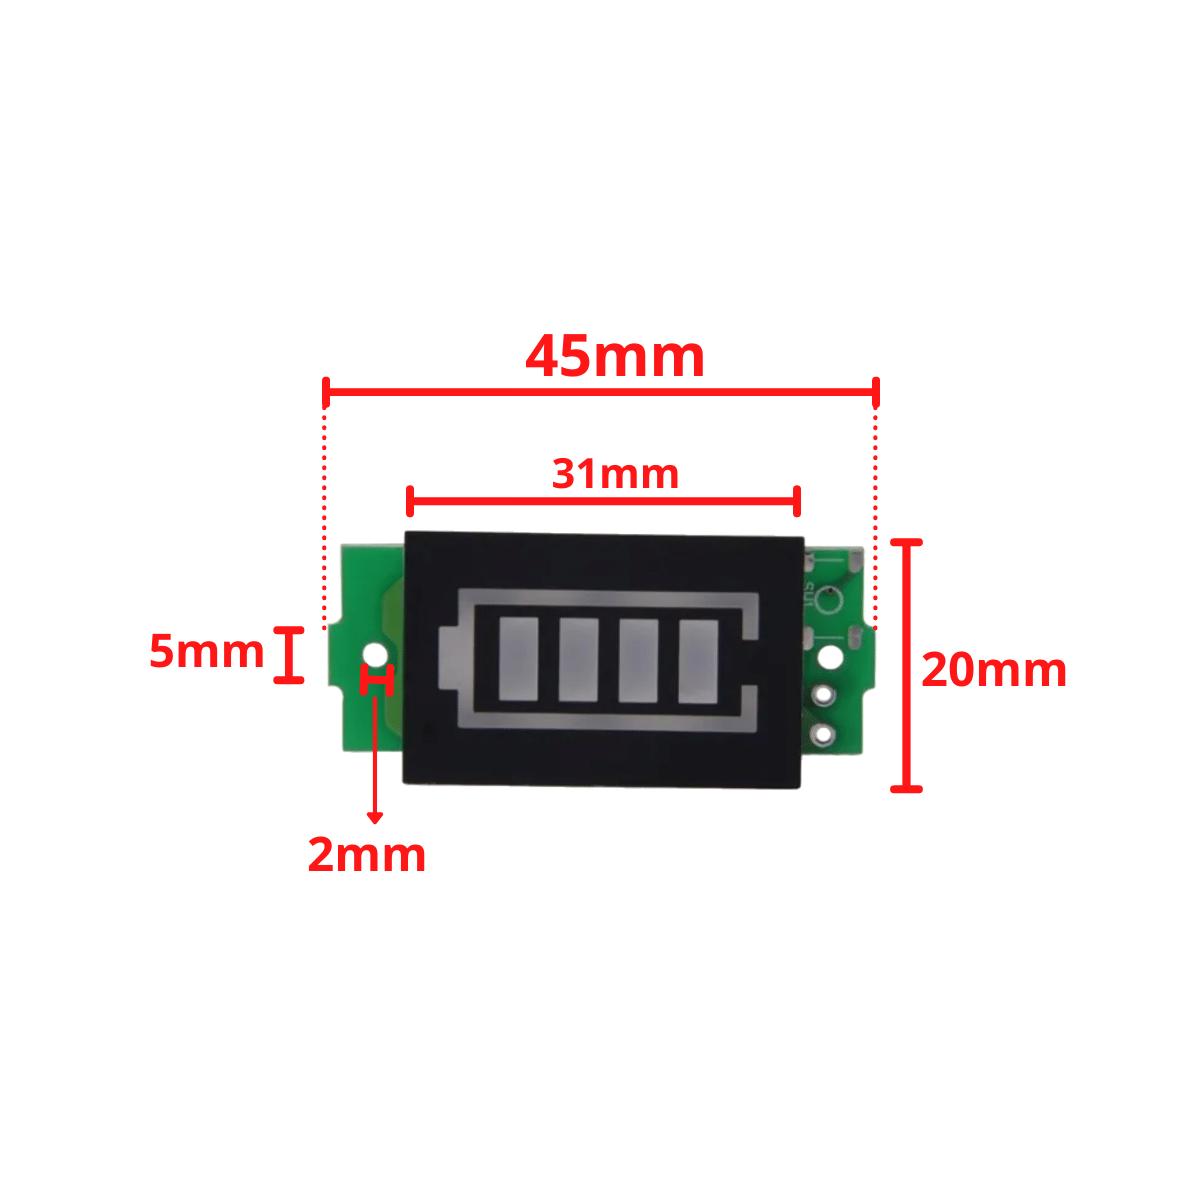 Voltímetro com Display Indicador de Nível de Carga para Baterias 4S 16,8V